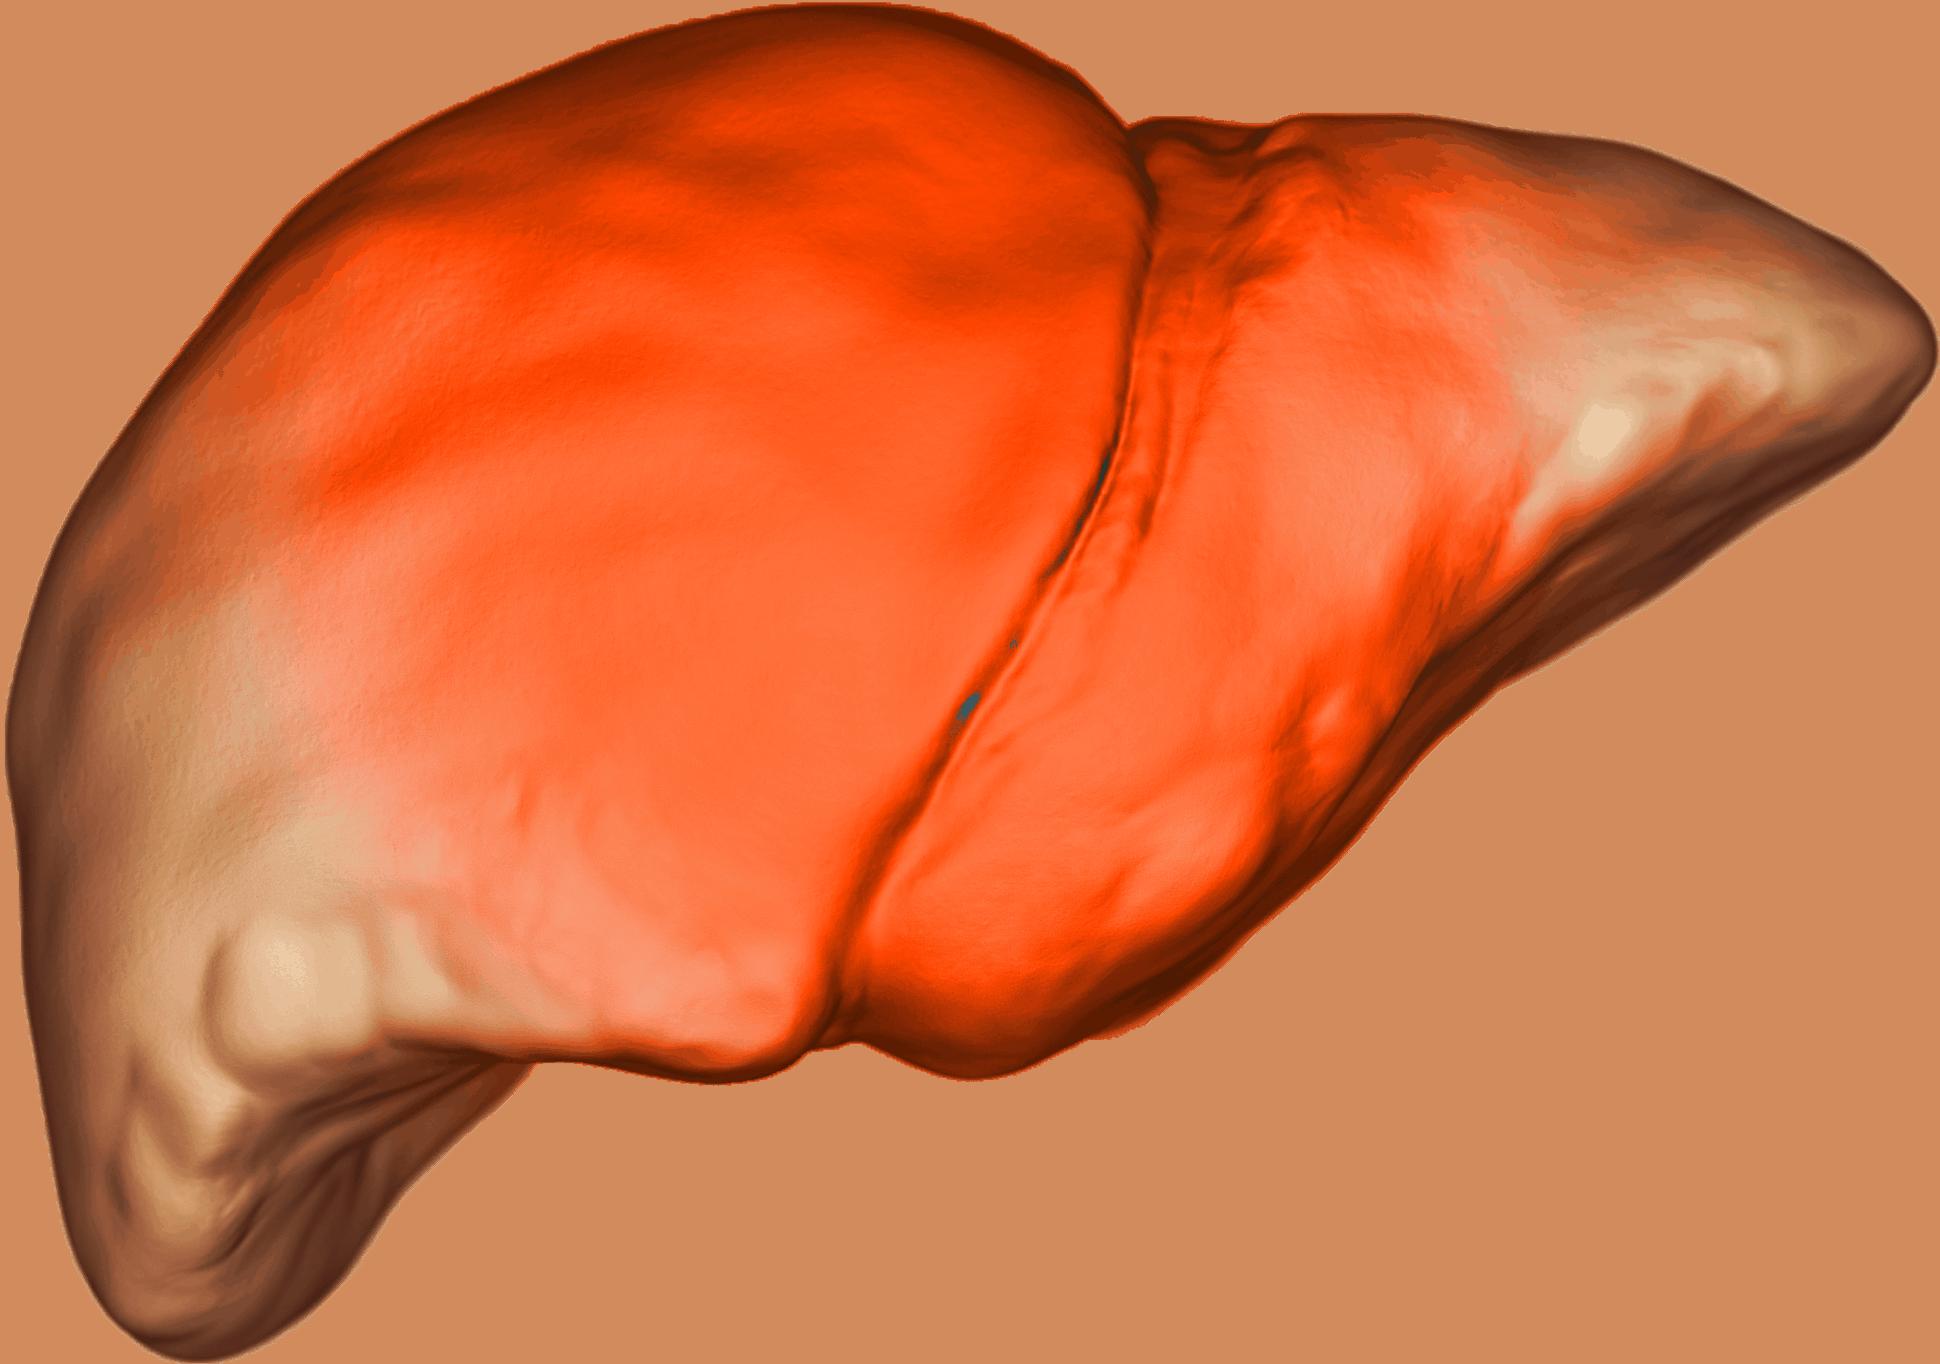 Что делать, если увеличена печень, как ее лечить и какие симптомы бывают